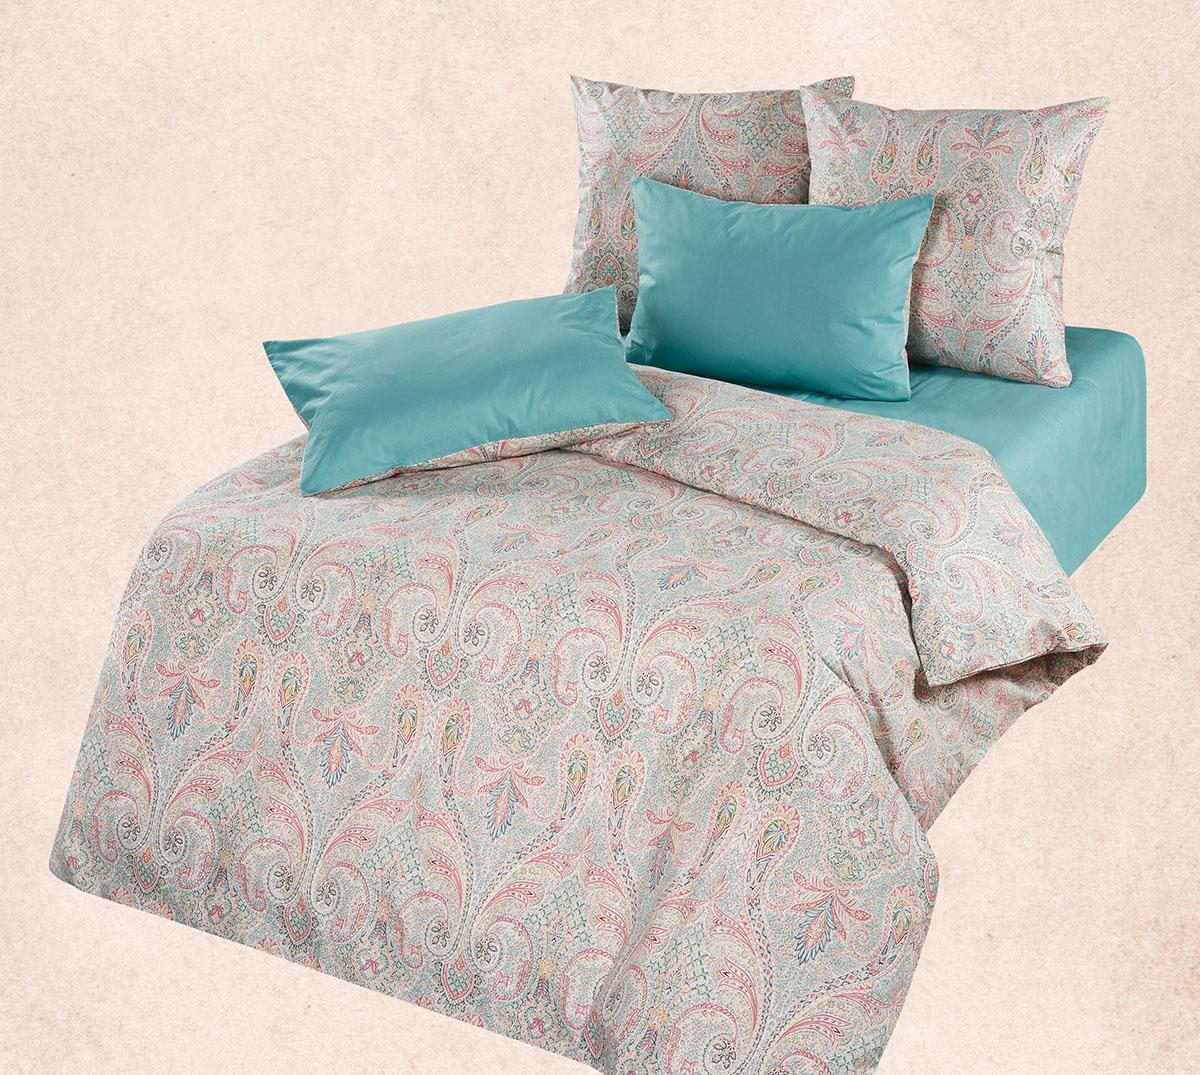 Комплект  Лейла , размер 1,5-спальный - Постельное белье артикул: 9055